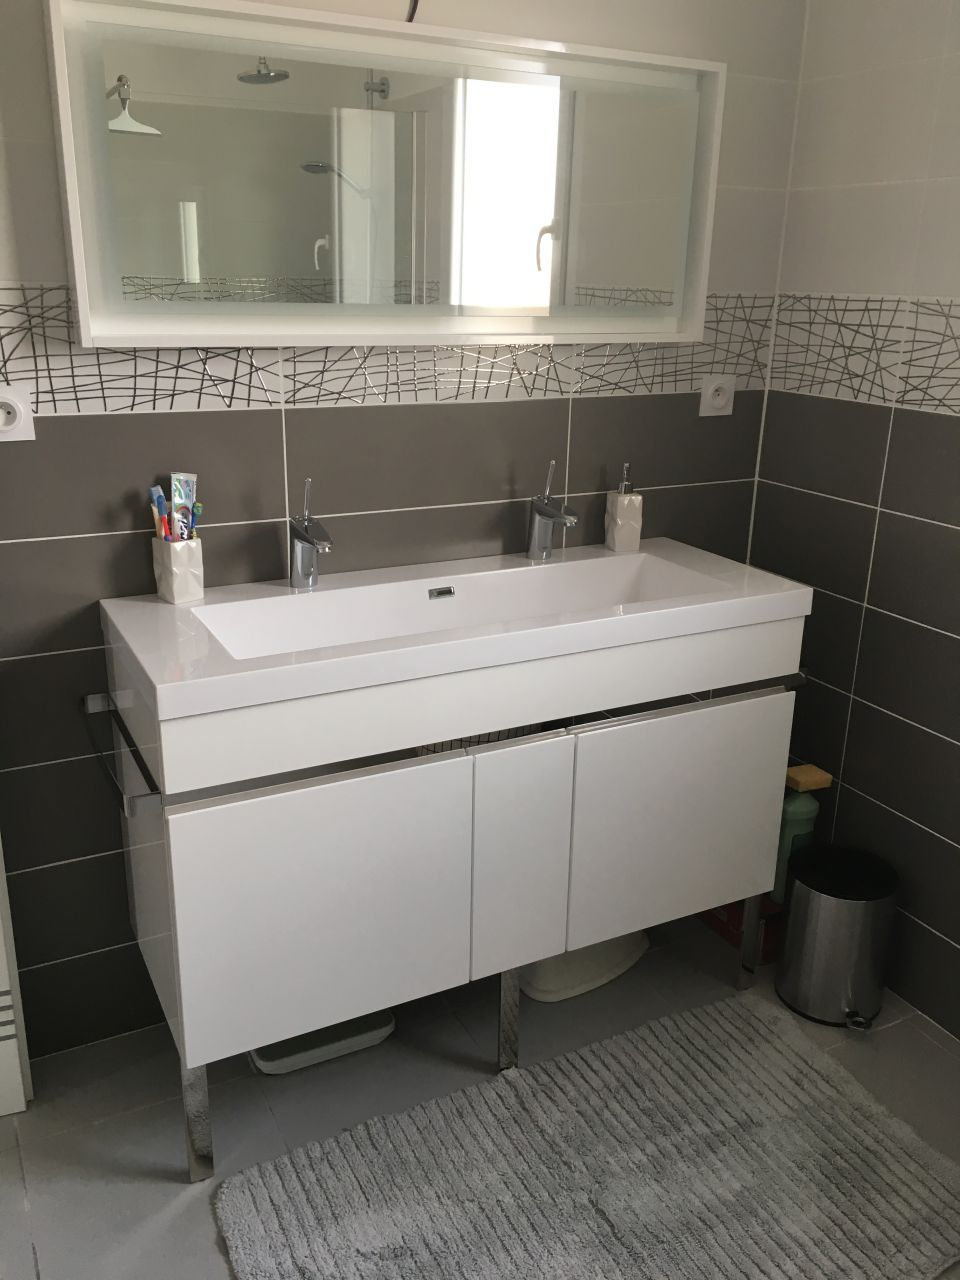 Salle d eau 5m2 for Refaire salle de bain 5m2